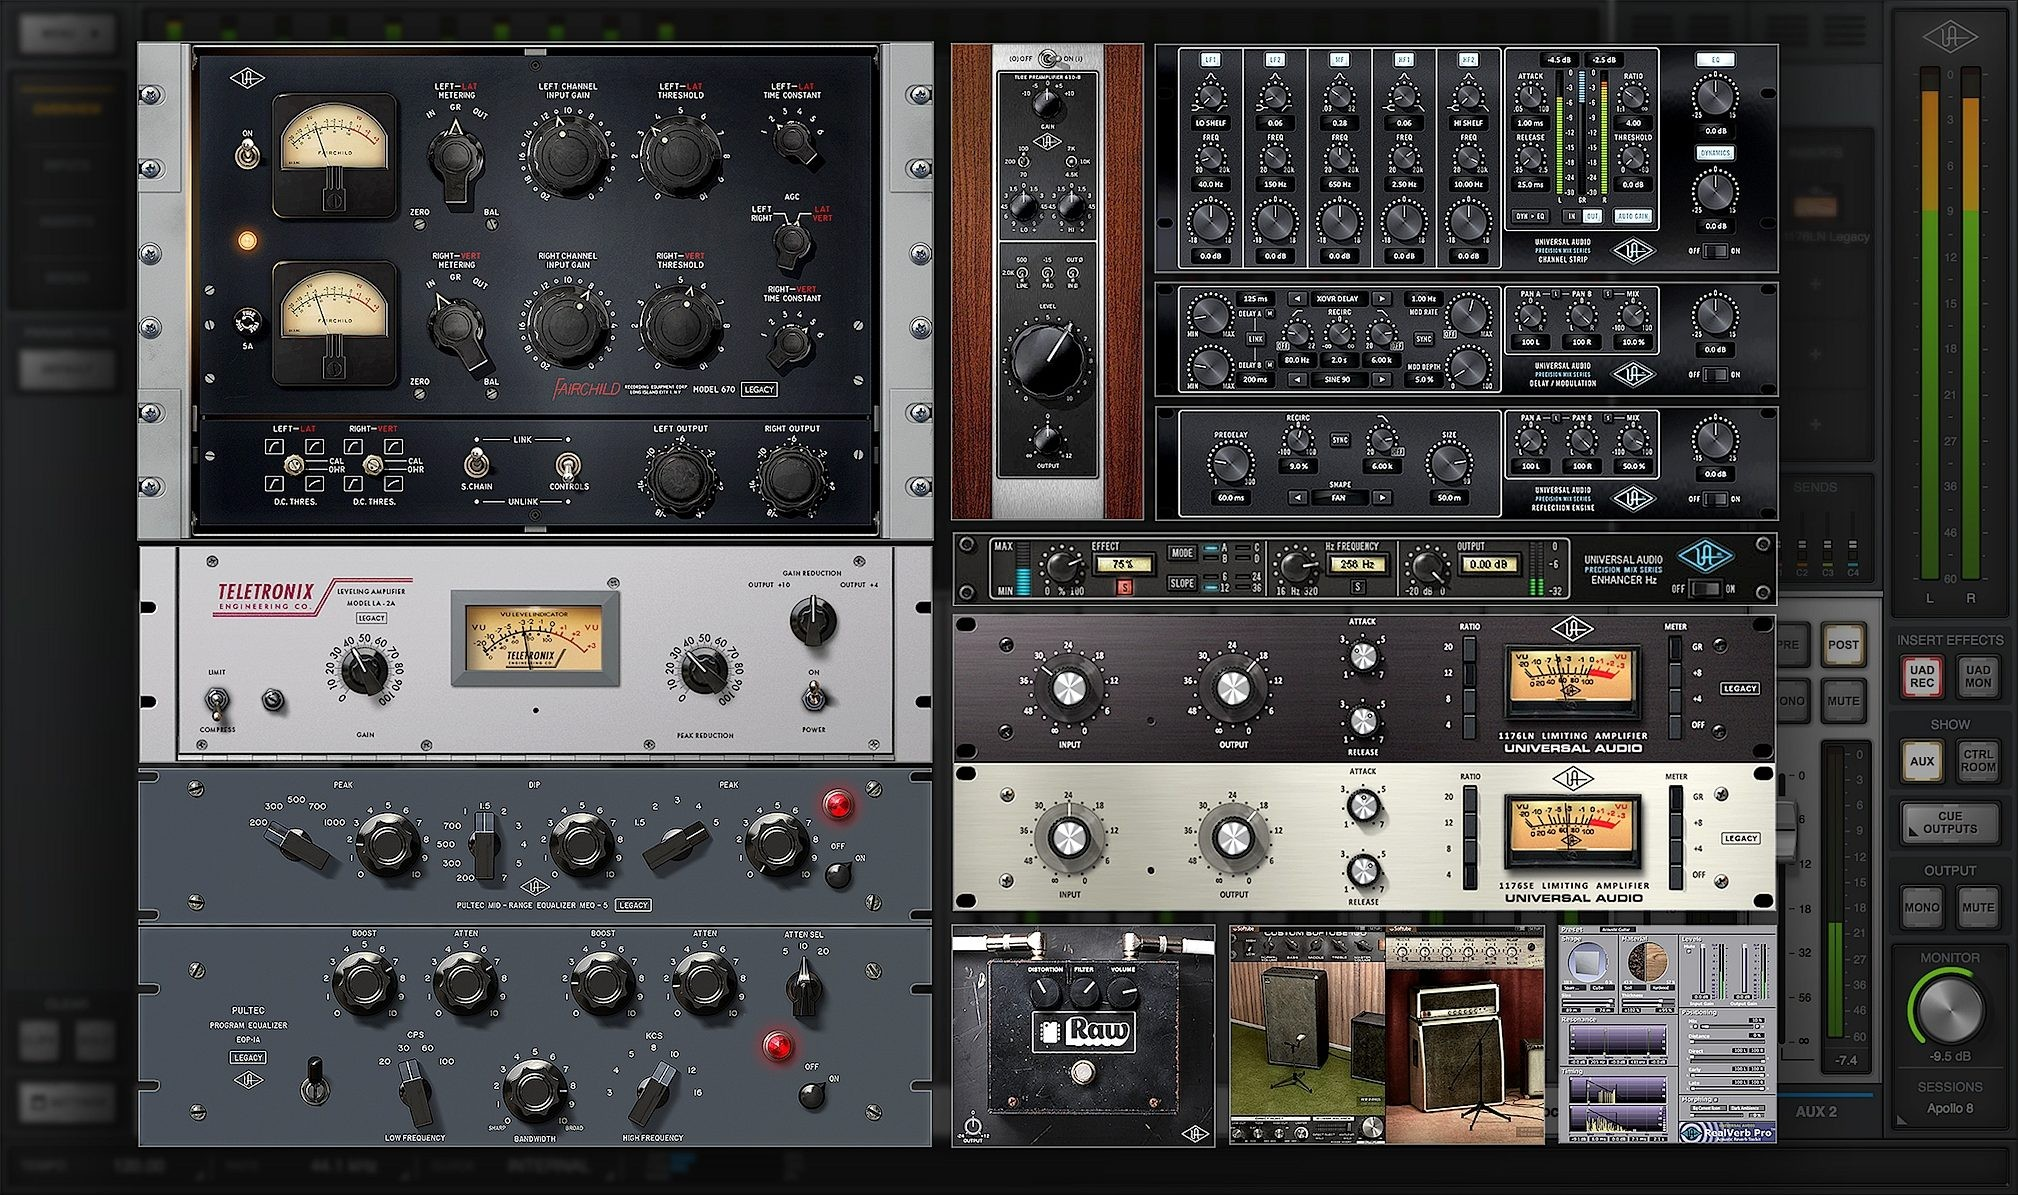 Universal Audio Apollo 8 Thunderbolt Audio Interface Pair with QUAD Processing Plug